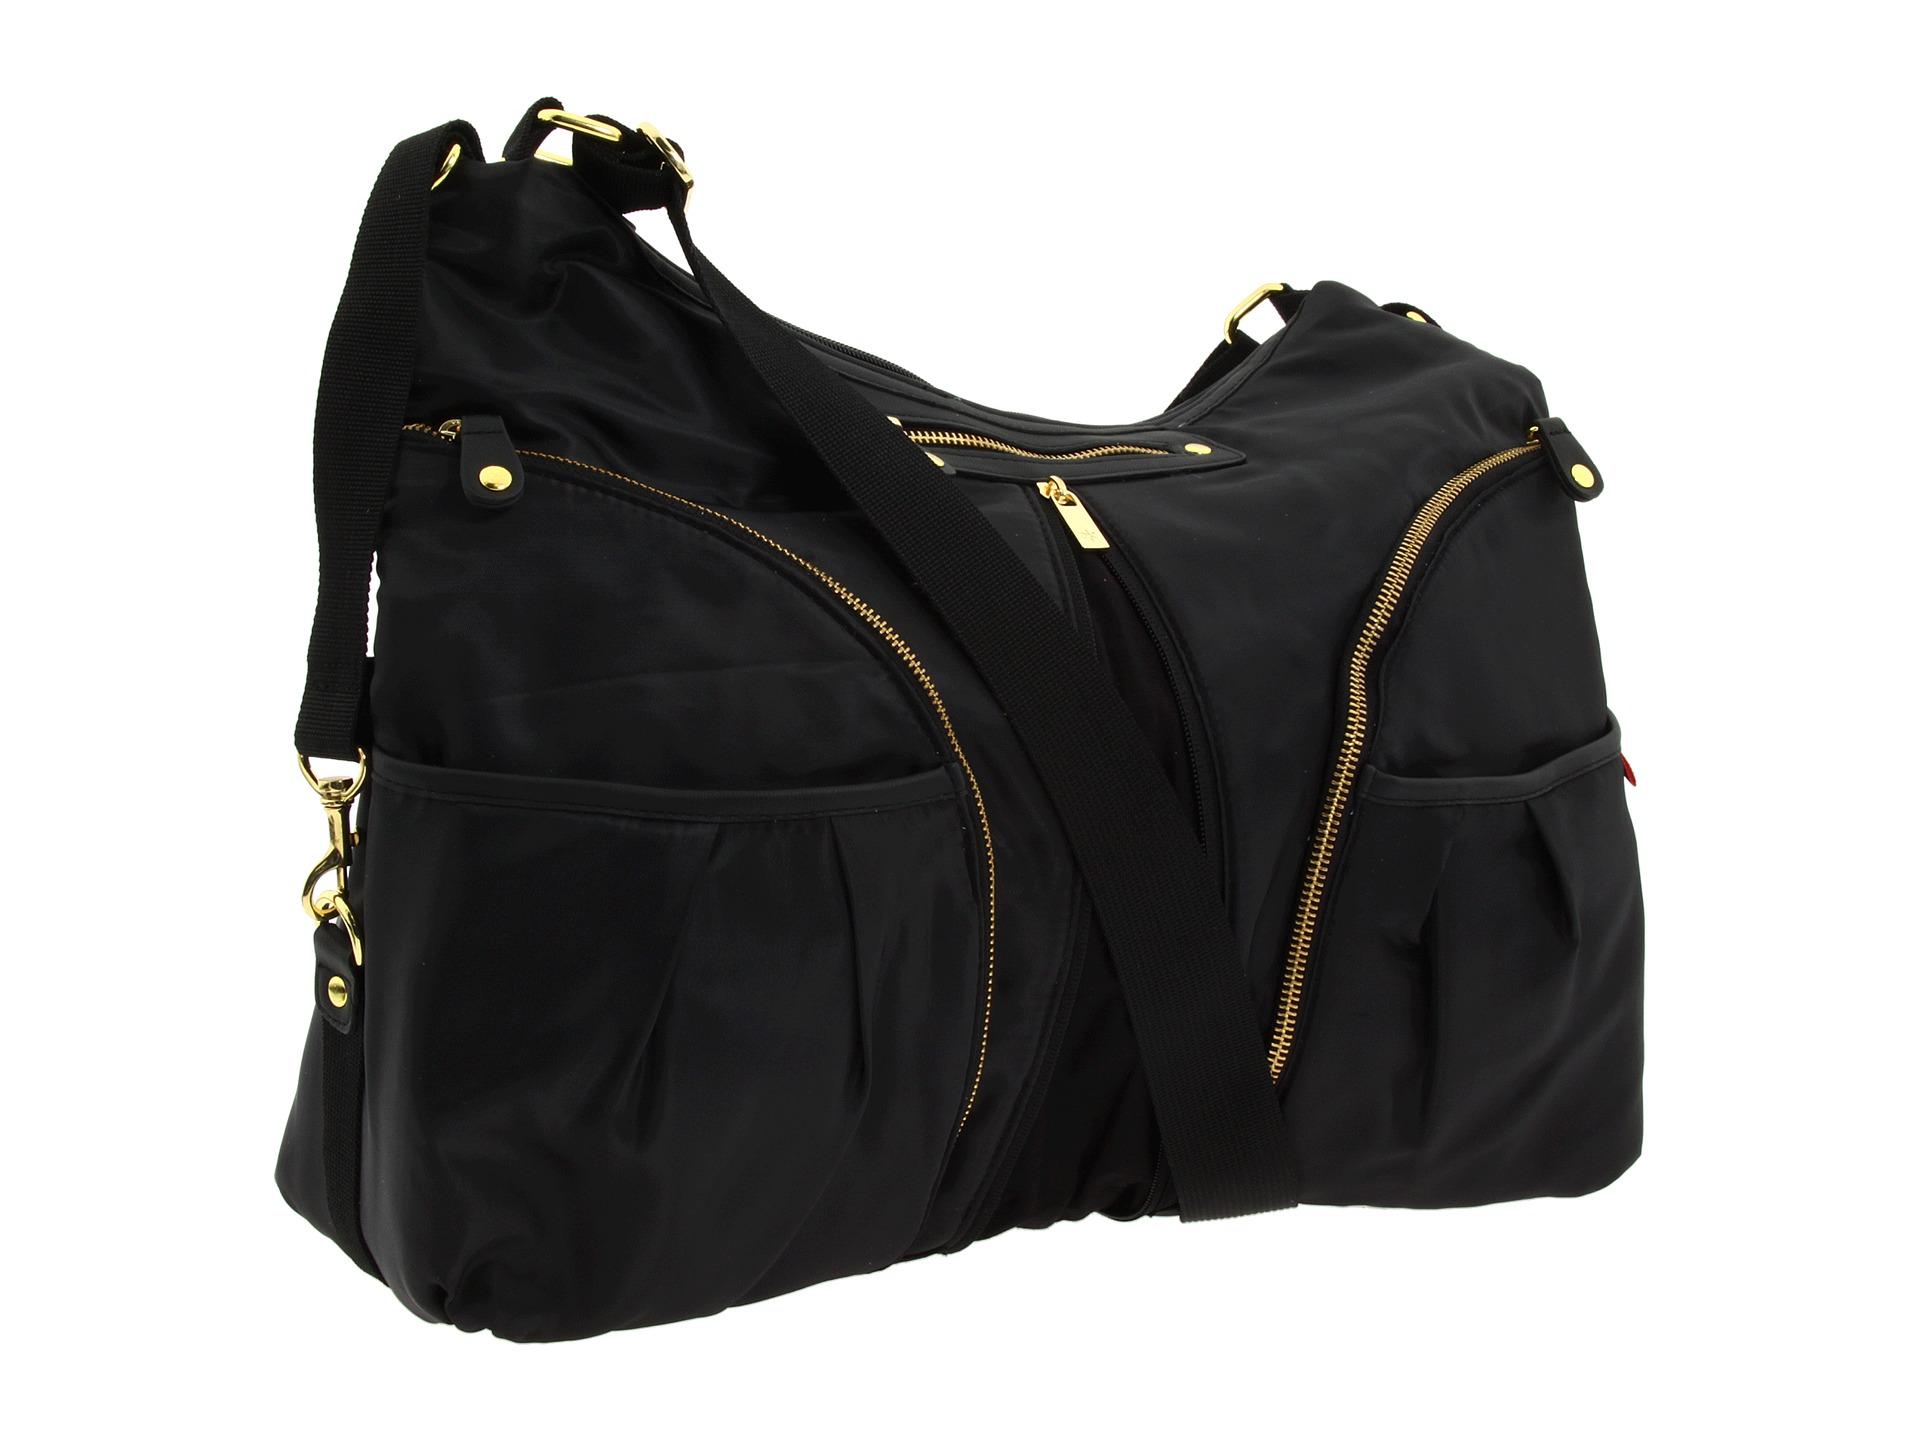 diaper backpack deals on 1001 blocks. Black Bedroom Furniture Sets. Home Design Ideas